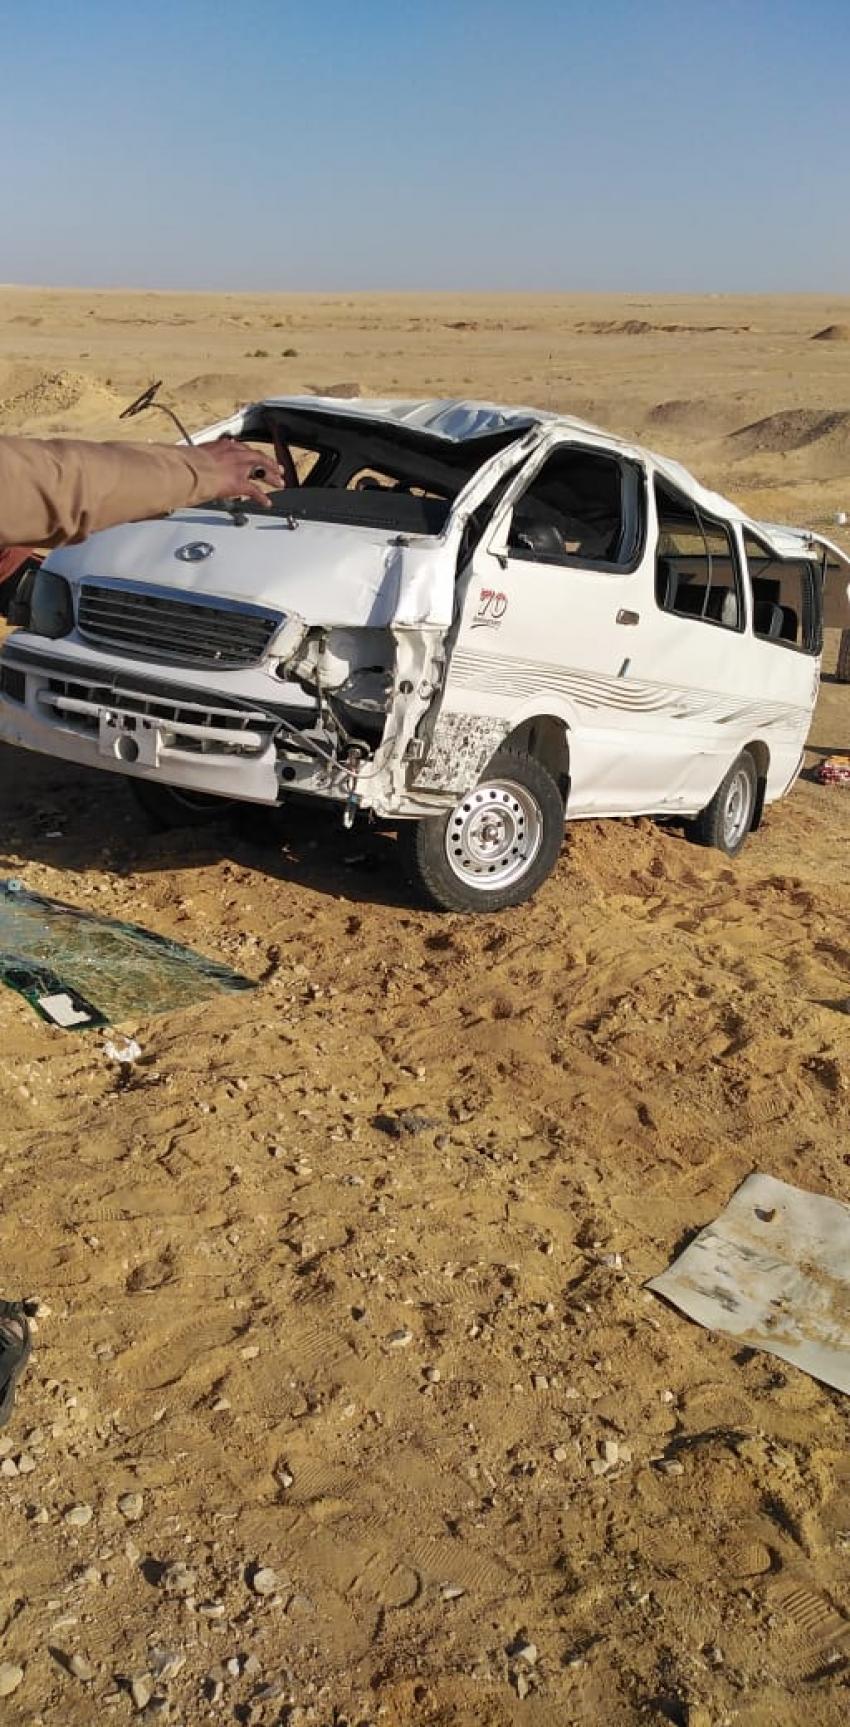 حادث مروع: مصرع 3 واصابة 10 مواطنين في حادث انقلاب سياره ميكروباص بطريق المحور- السويس